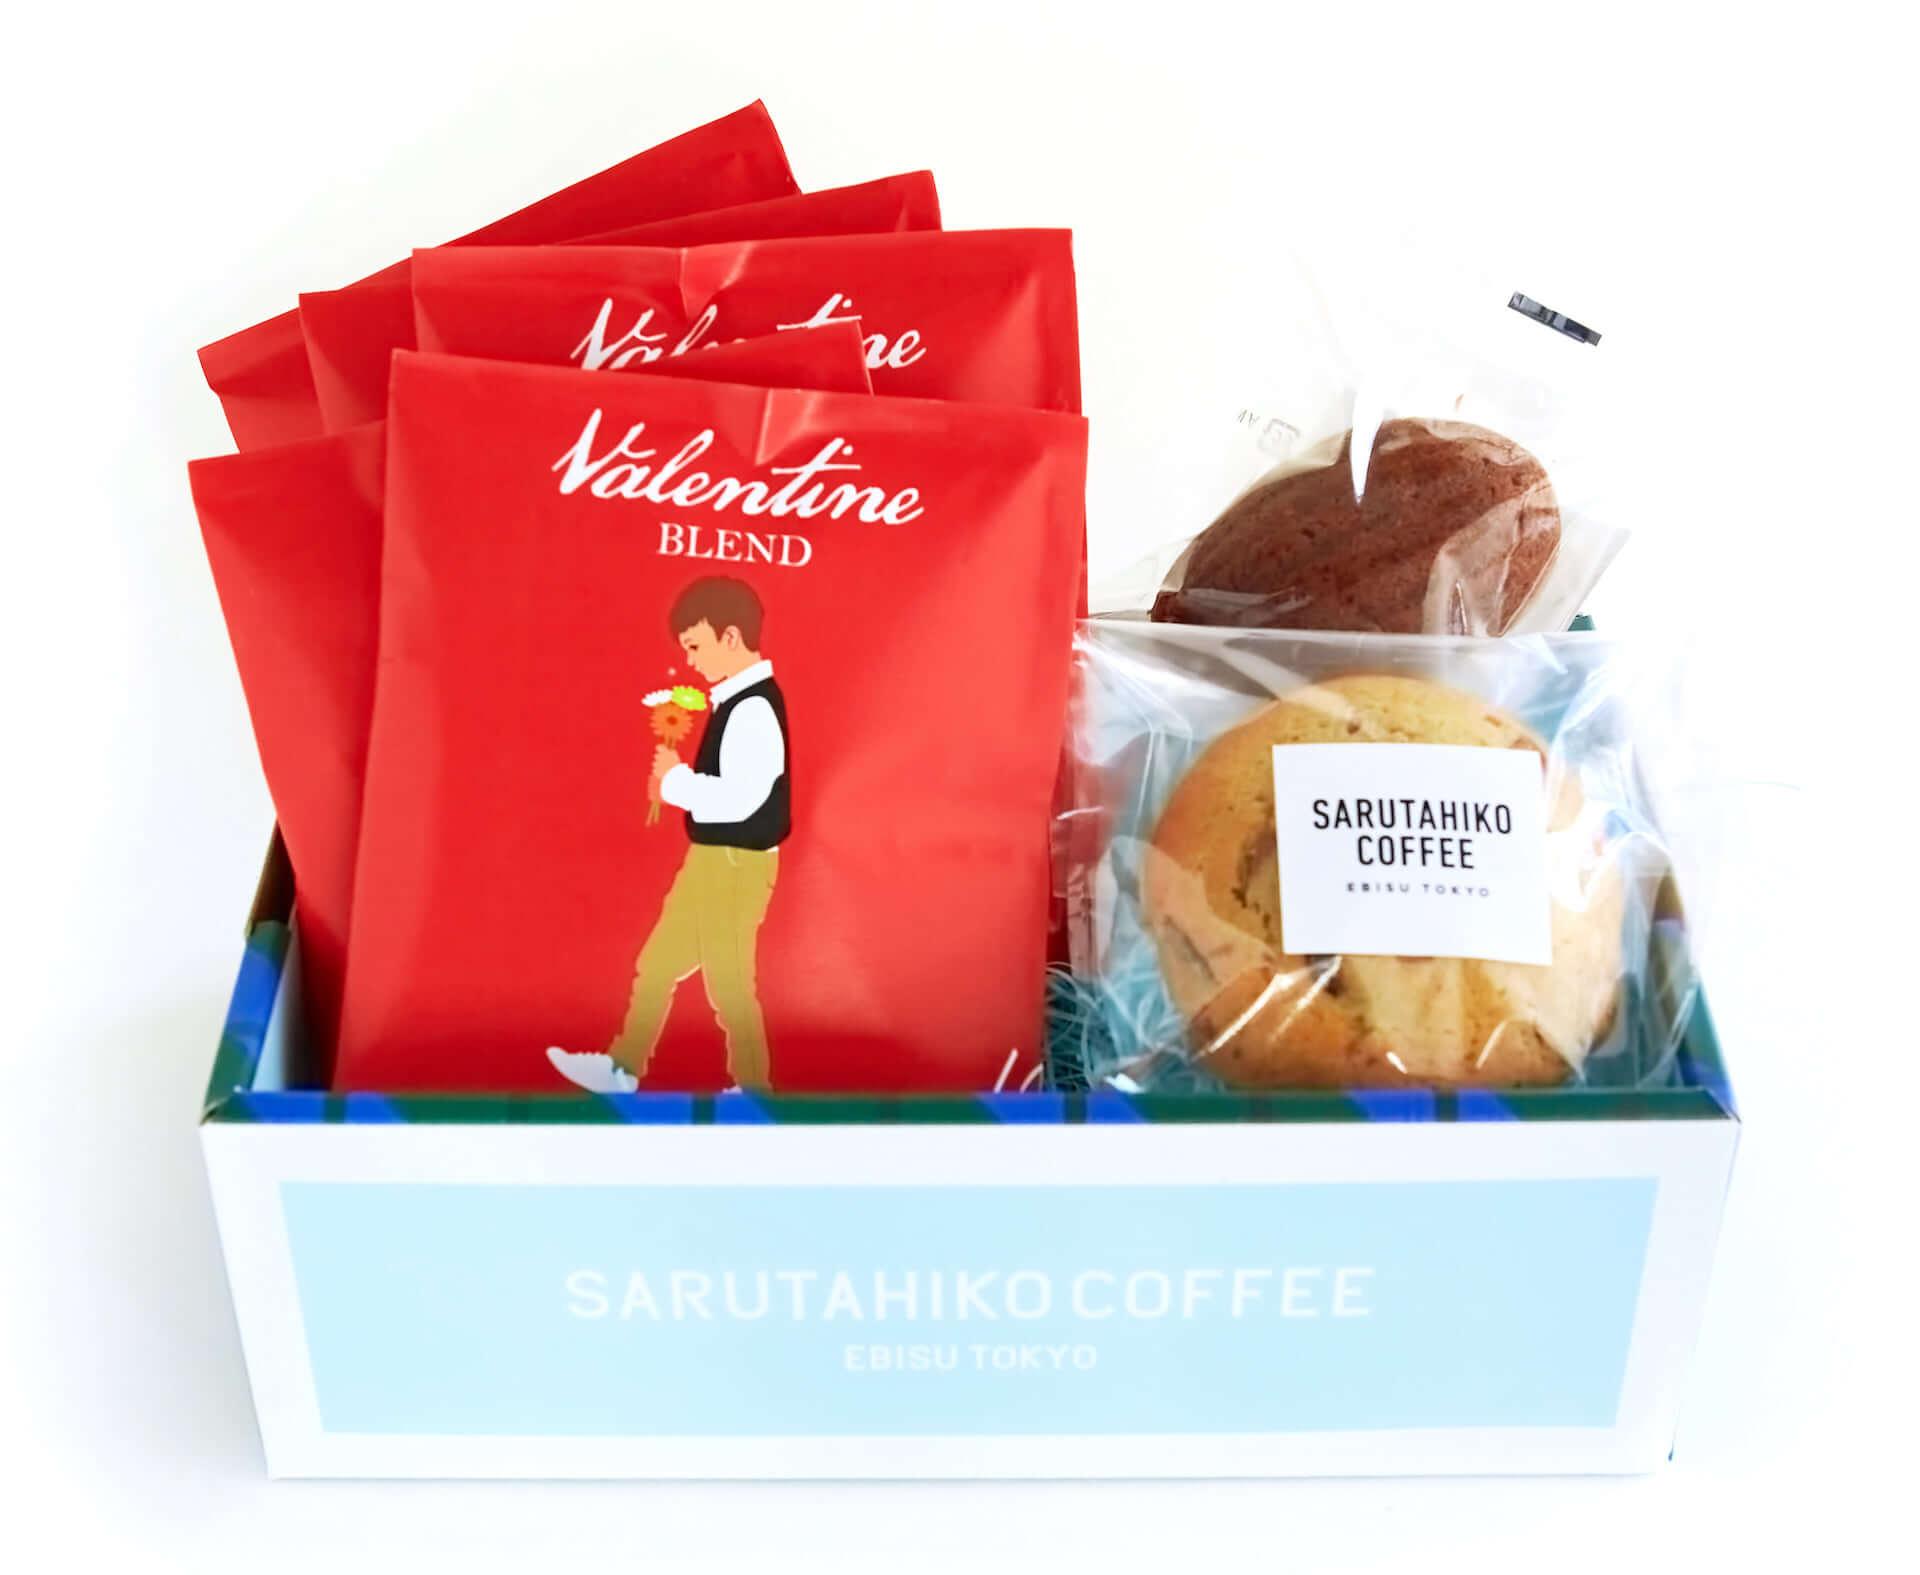 猿田彦珈琲のバレンタイン限定商品『リッチホットチョコレート』が今年もリニューアルして登場!数量限定のギフトセットも展開 gourmet210108_sarutahiko_1-1920x1575